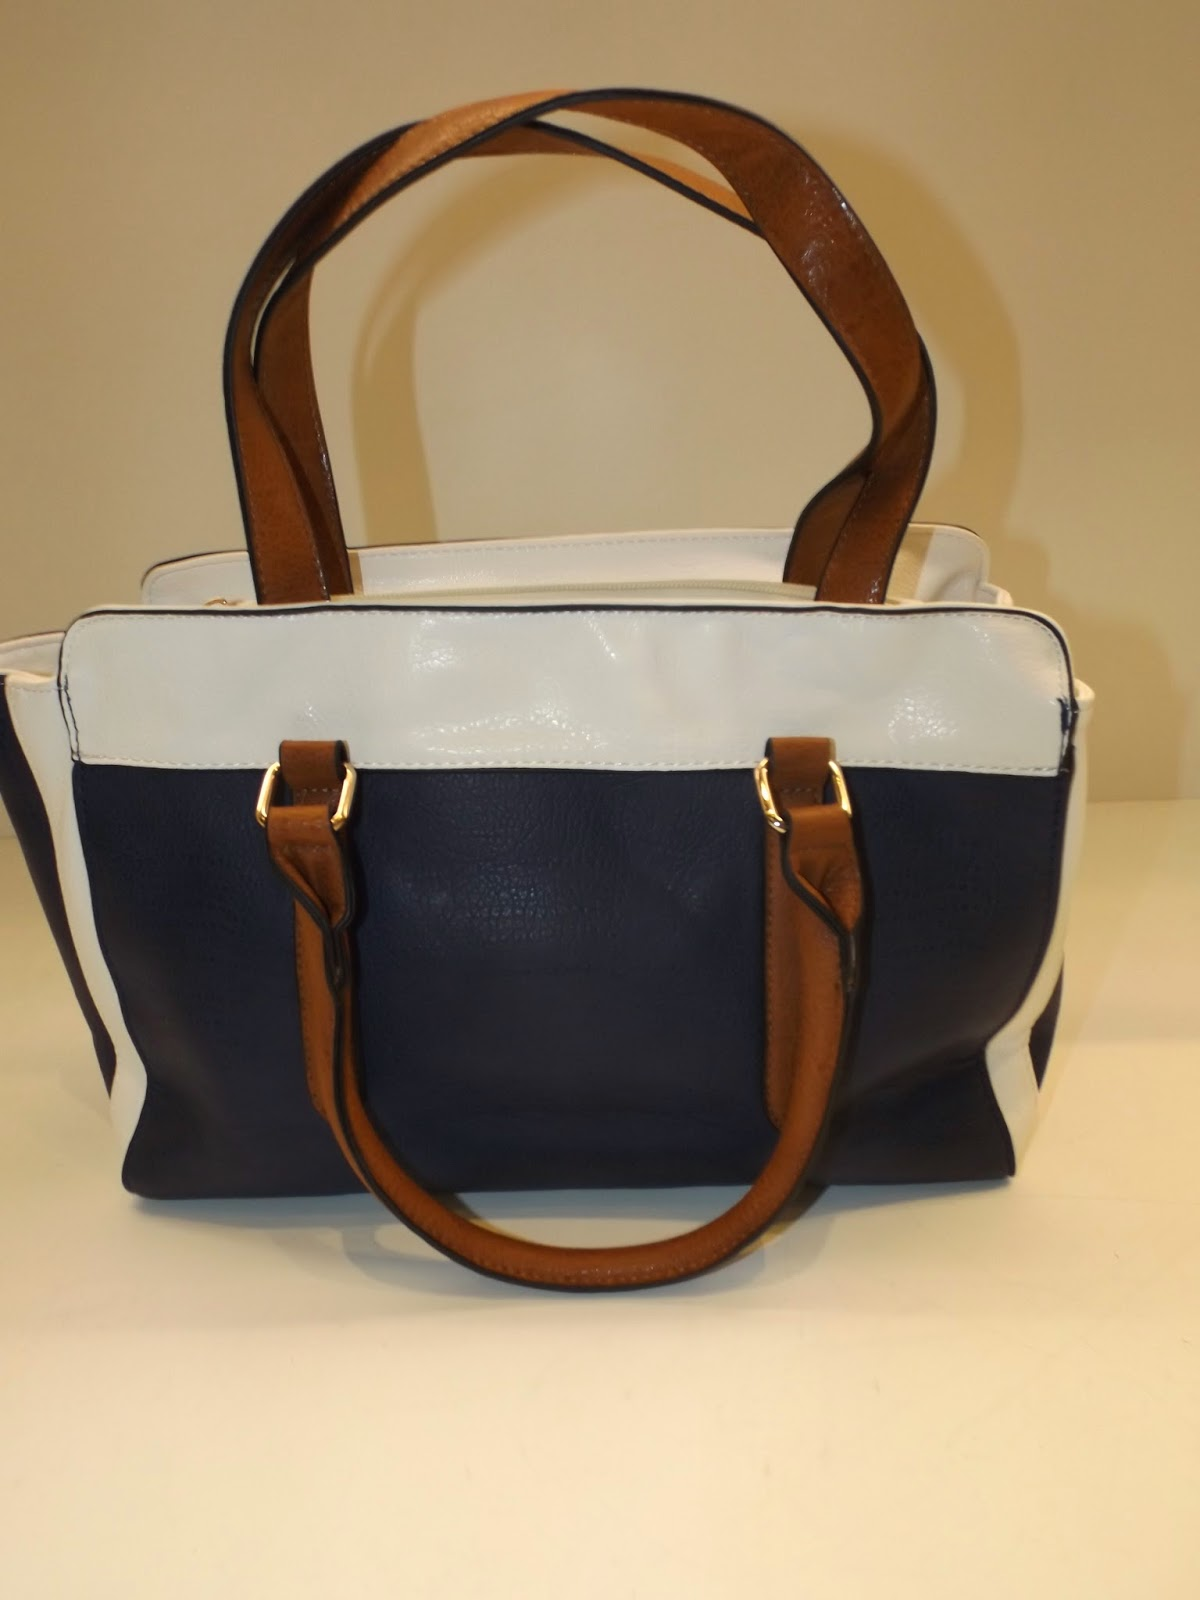 bolsa com alça de correntes, bolsa estilo chanel, bolsa quadrada, bolsa retangular, bolsa com estampa animal print, bolsa animal print, como usar, maxi bolsa, bolsa preta, bolsa nude, modelos de bolsas, bolsa de alça curta, bolsa alça longa